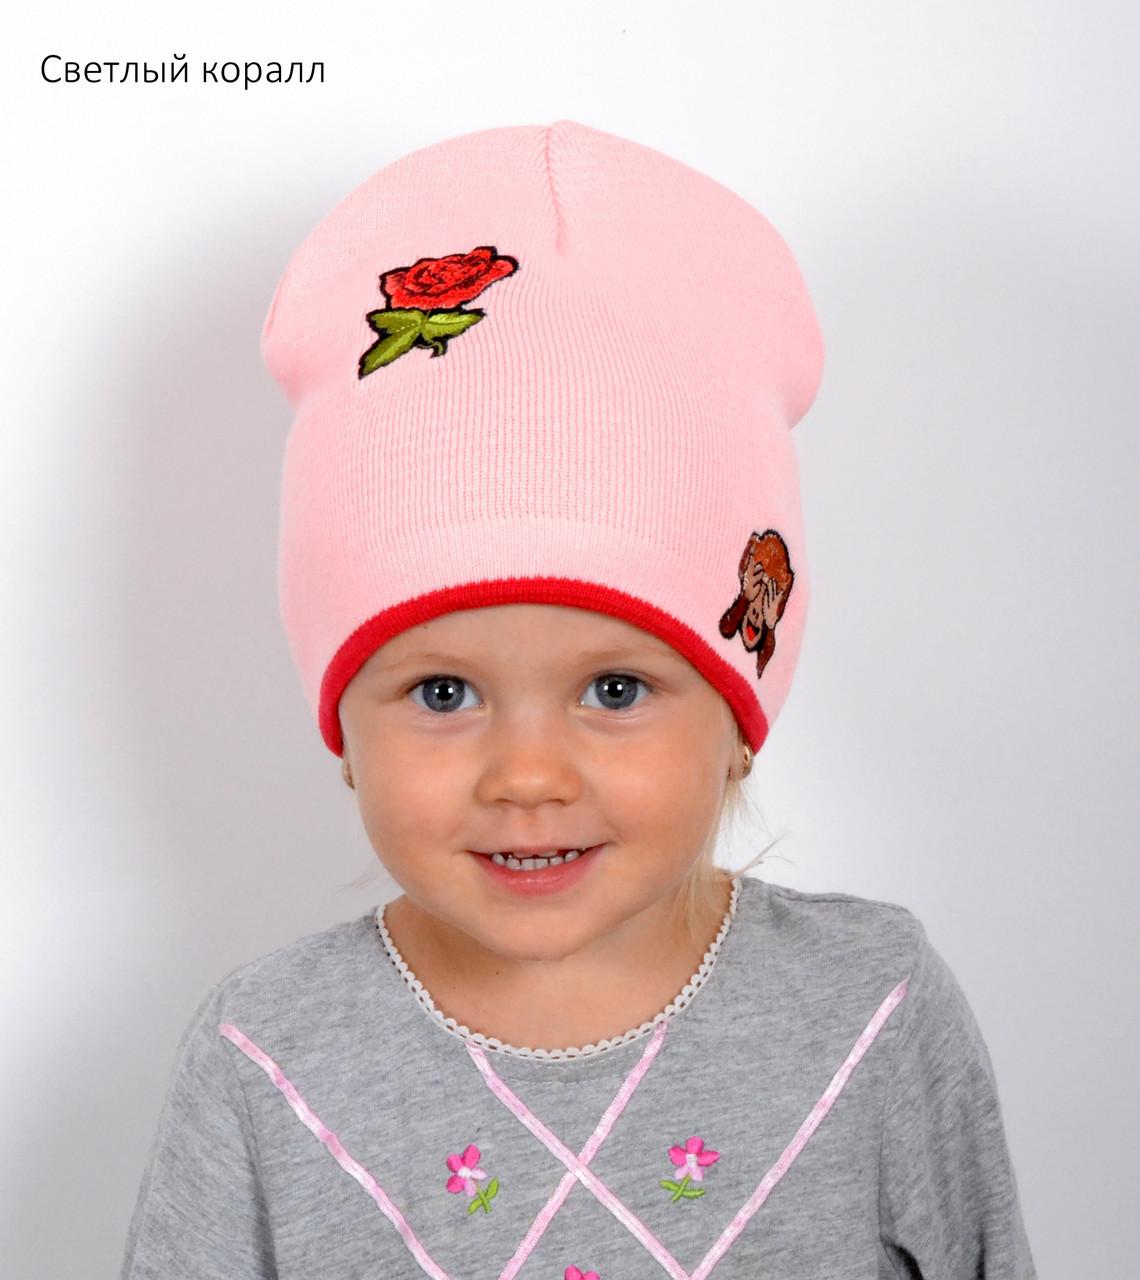 Обезьянка. Двойная детская шапка, хлопок. р.48-52 (2-5 лет) св.коралл, белый